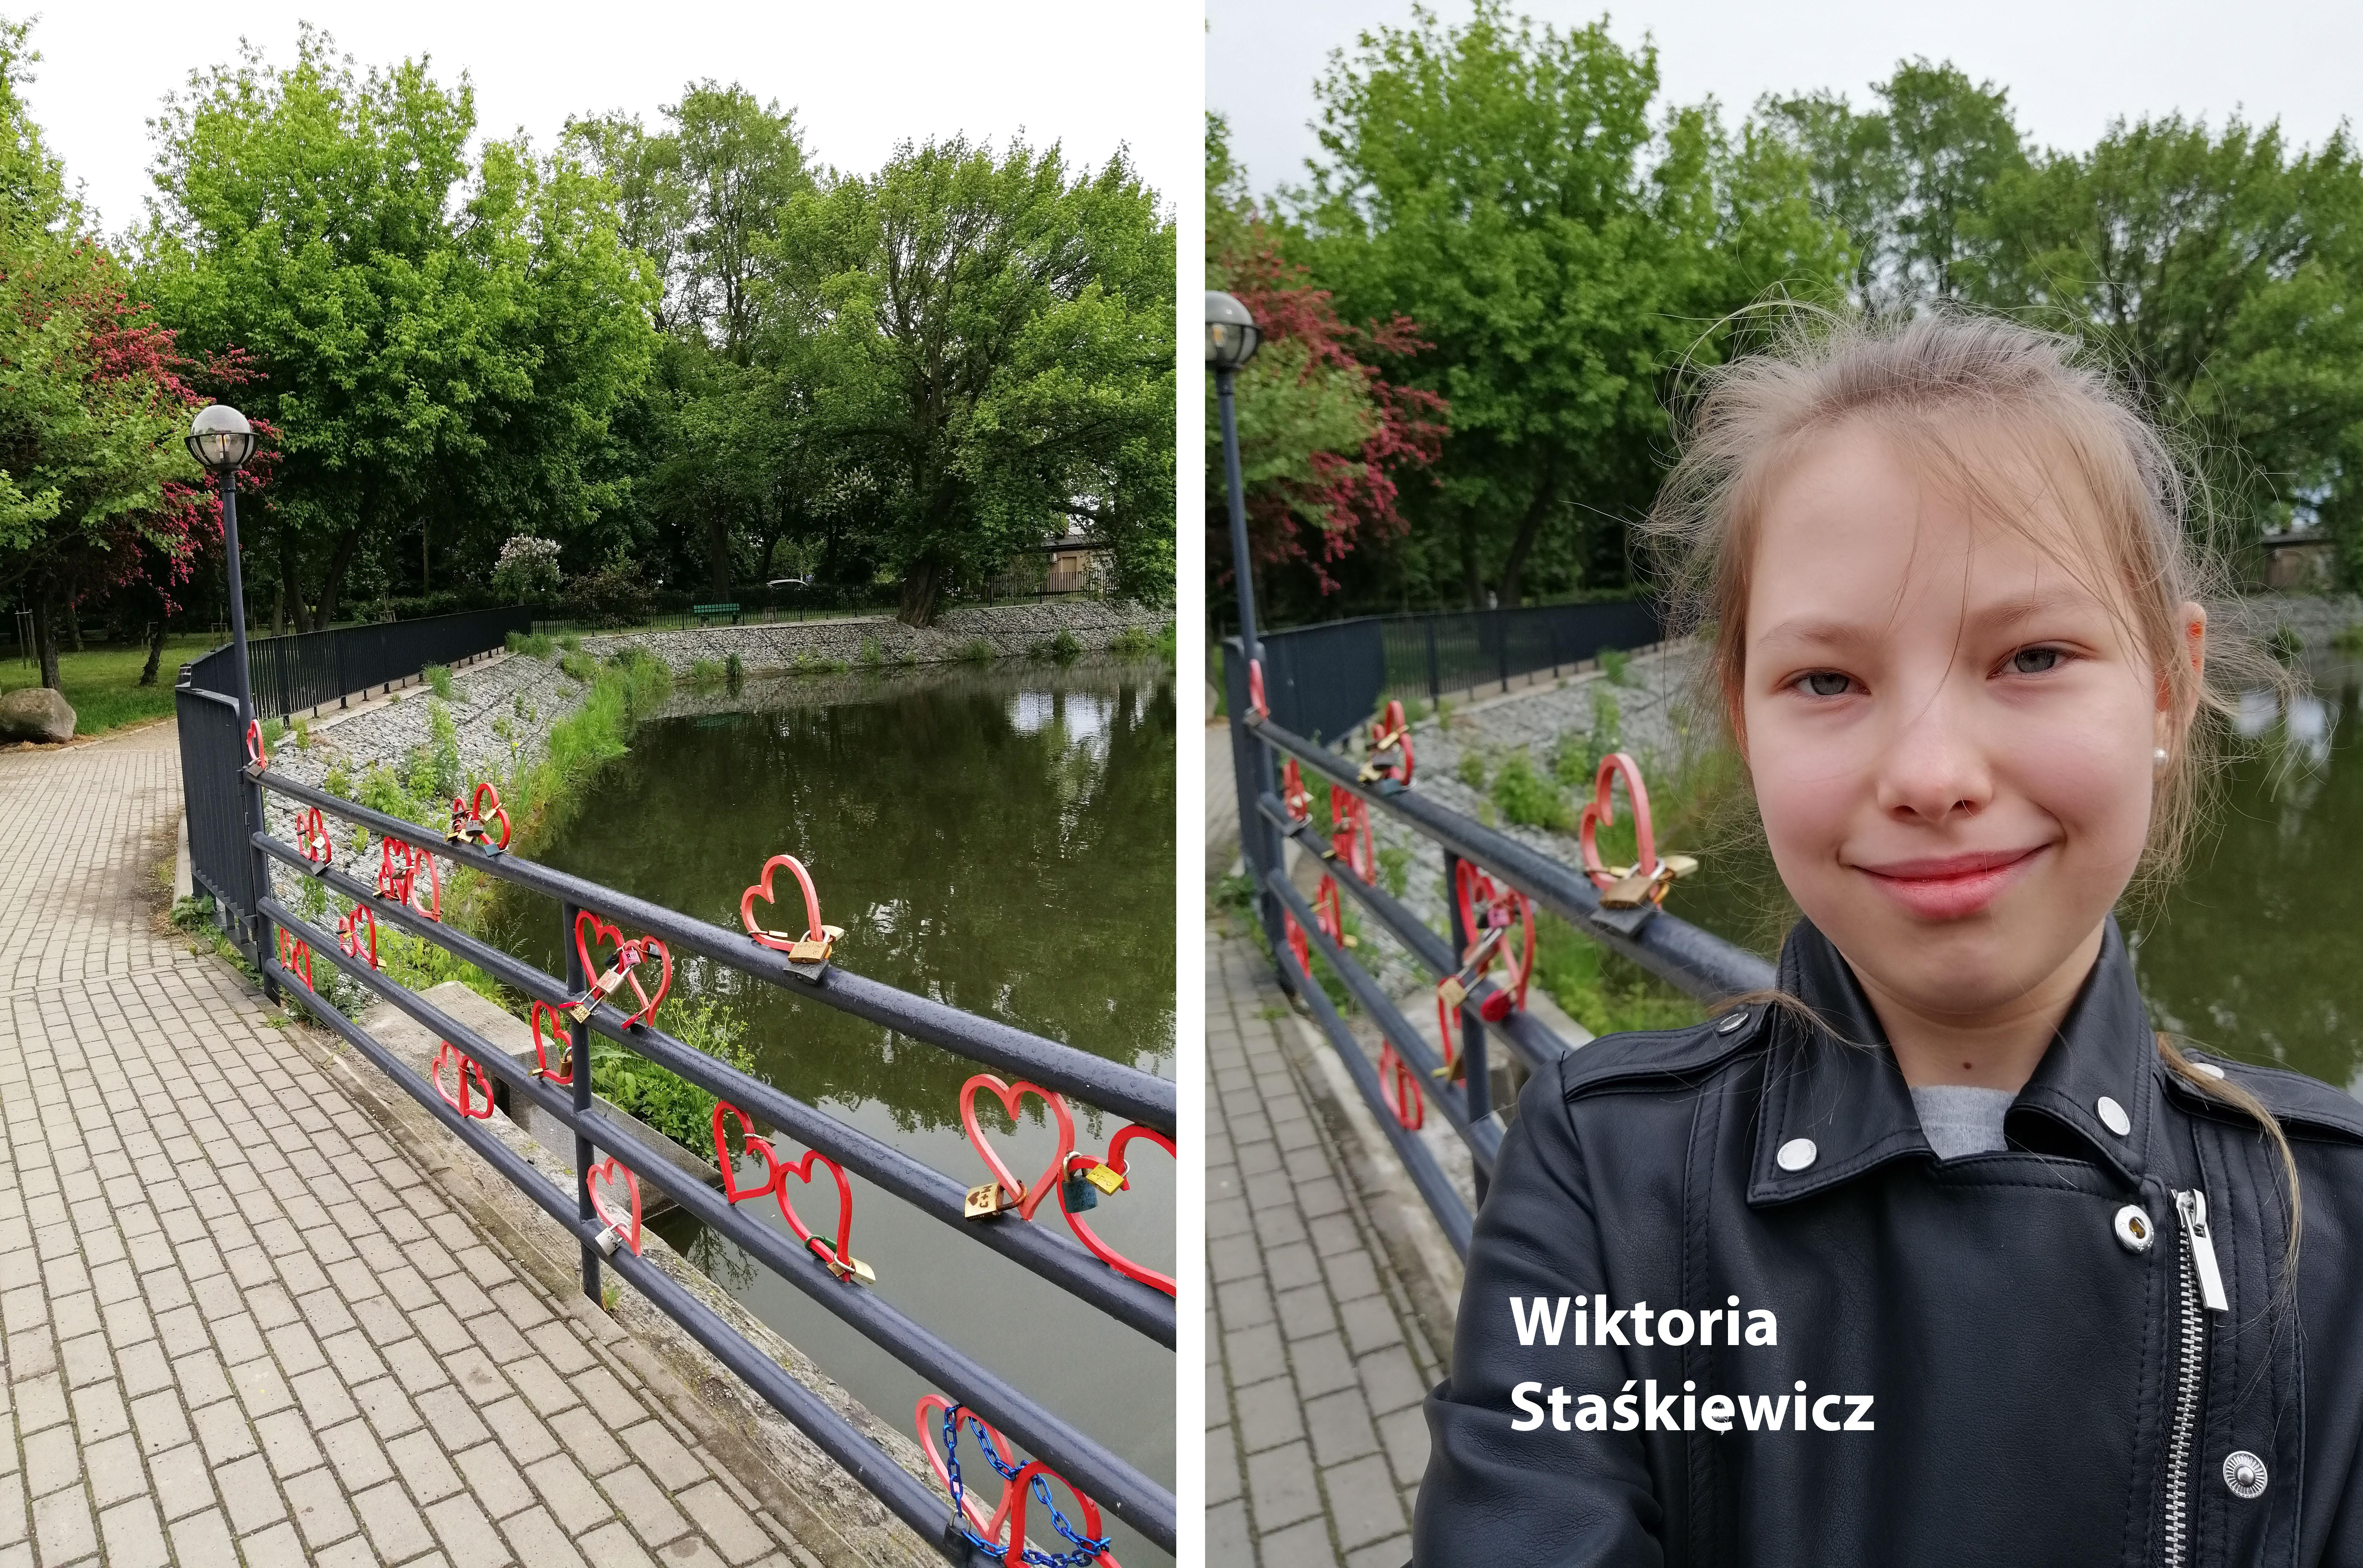 2-Wiktoria-Staskiewicz-napis